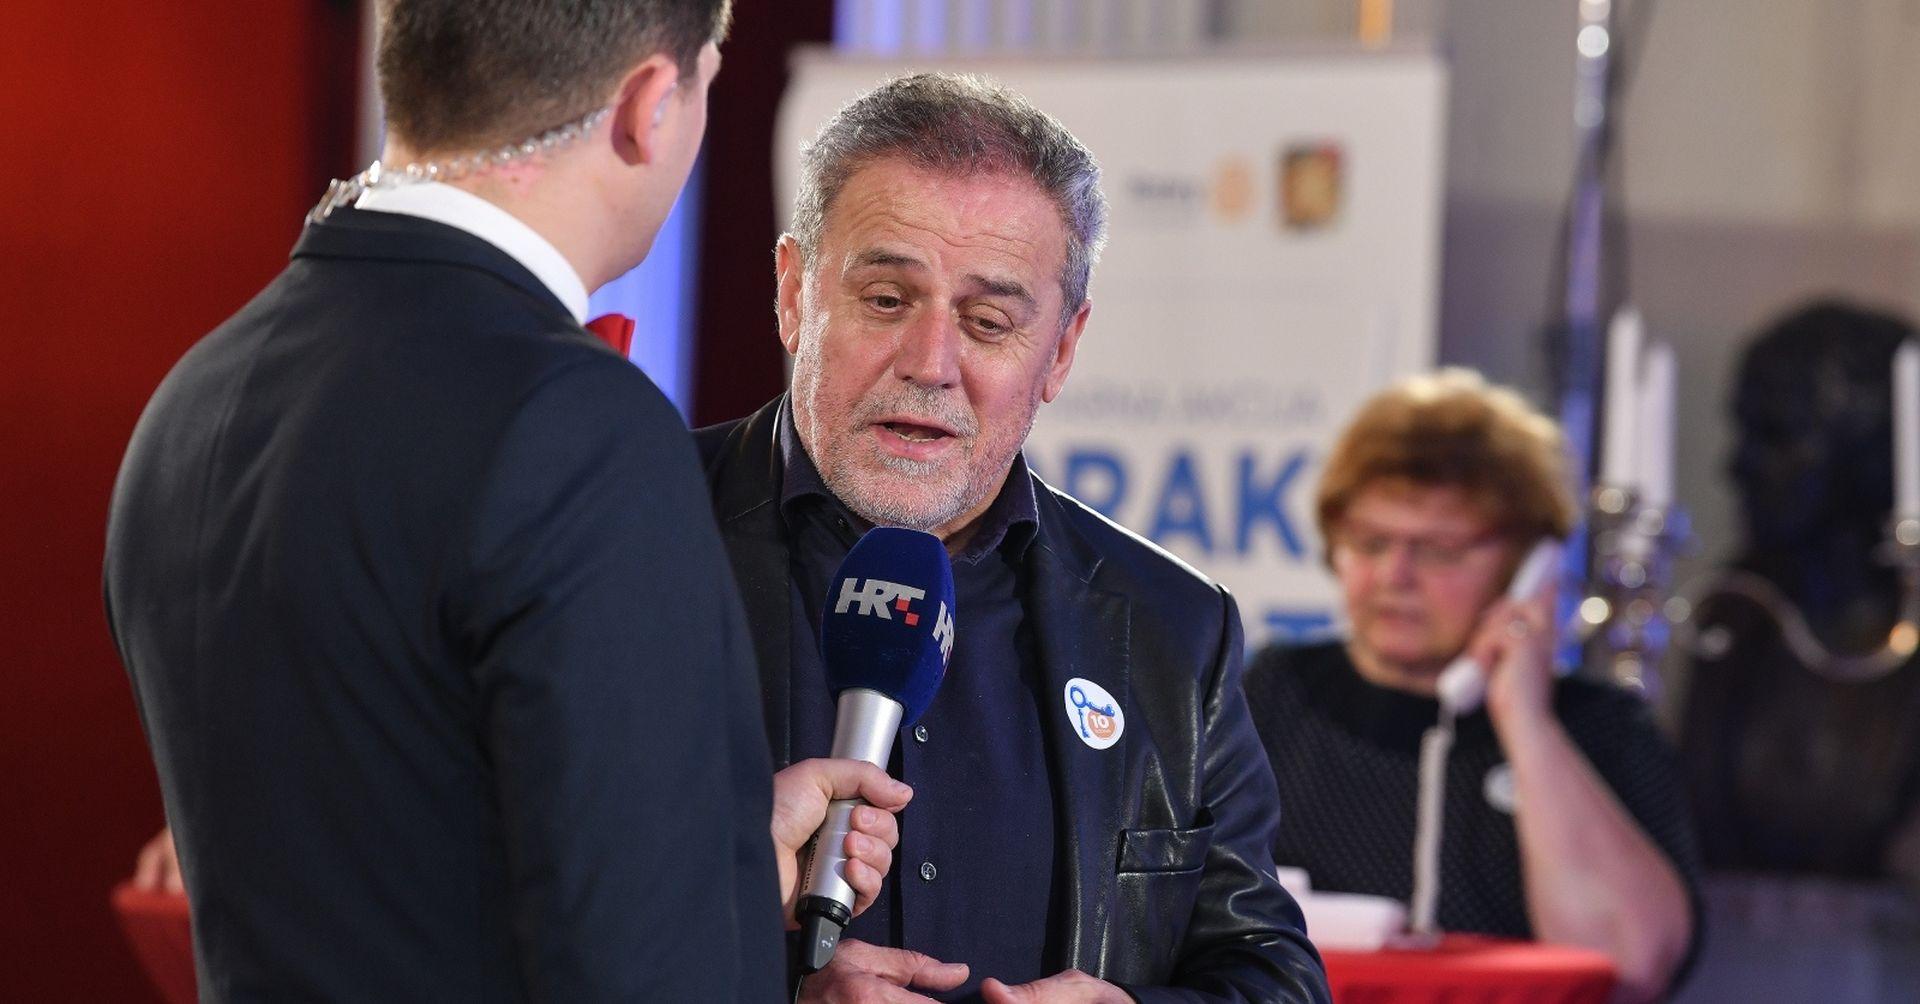 Bandić podupro Nezavisnu listu Bura na mjesnim izborima u Rijeci